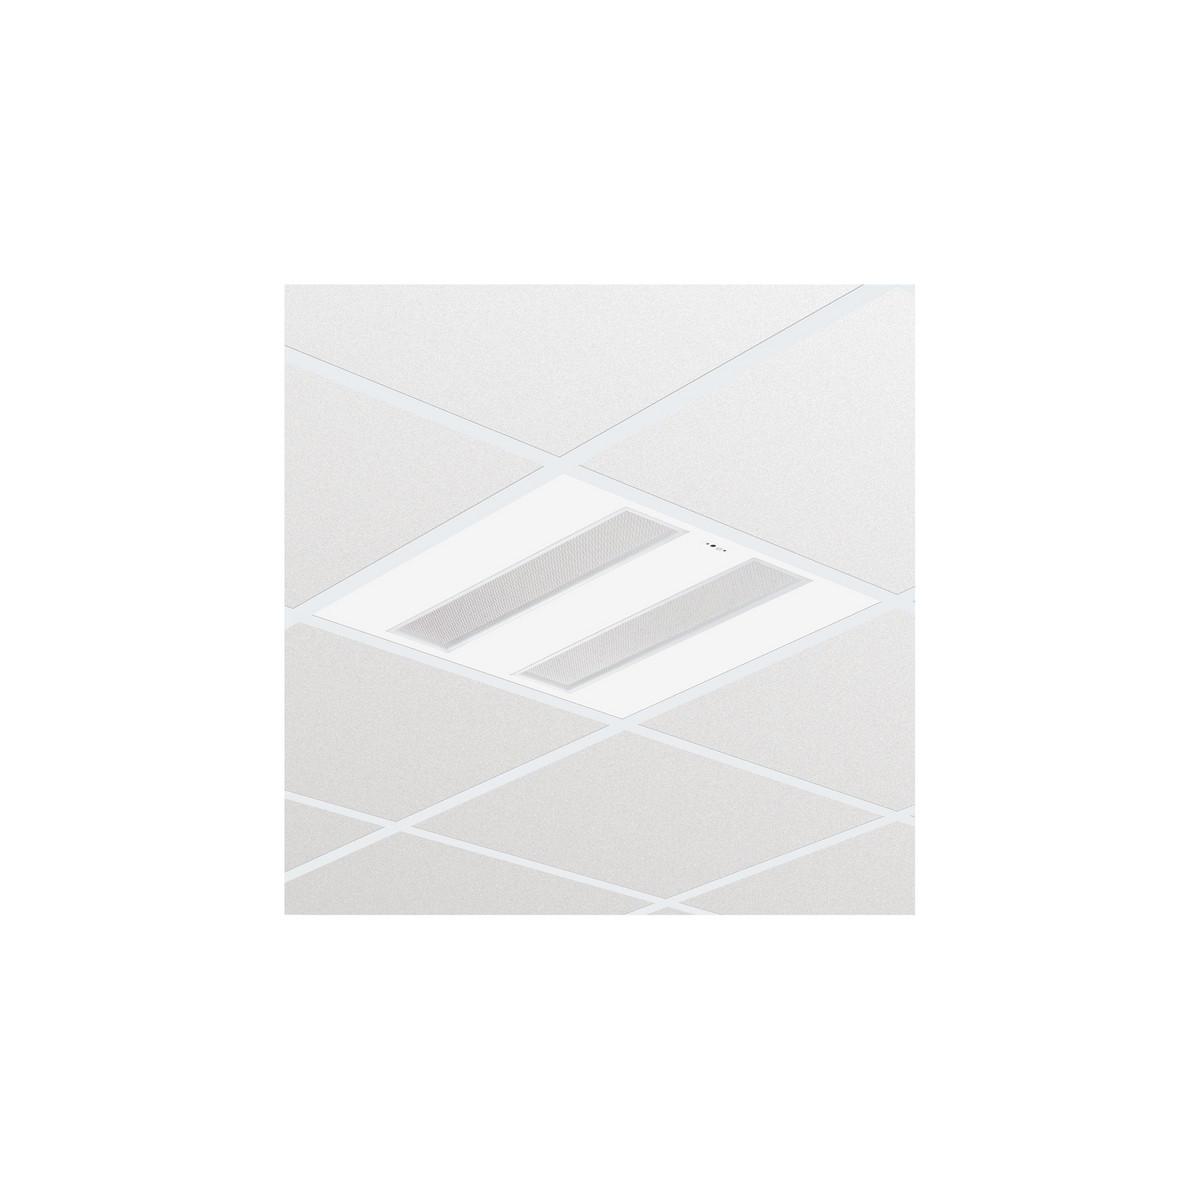 Philips FlexBlend Indbyg RC340B LED 3600lm/840 60x60 Synlig T-skinne MLO-optik OC/UGR<19